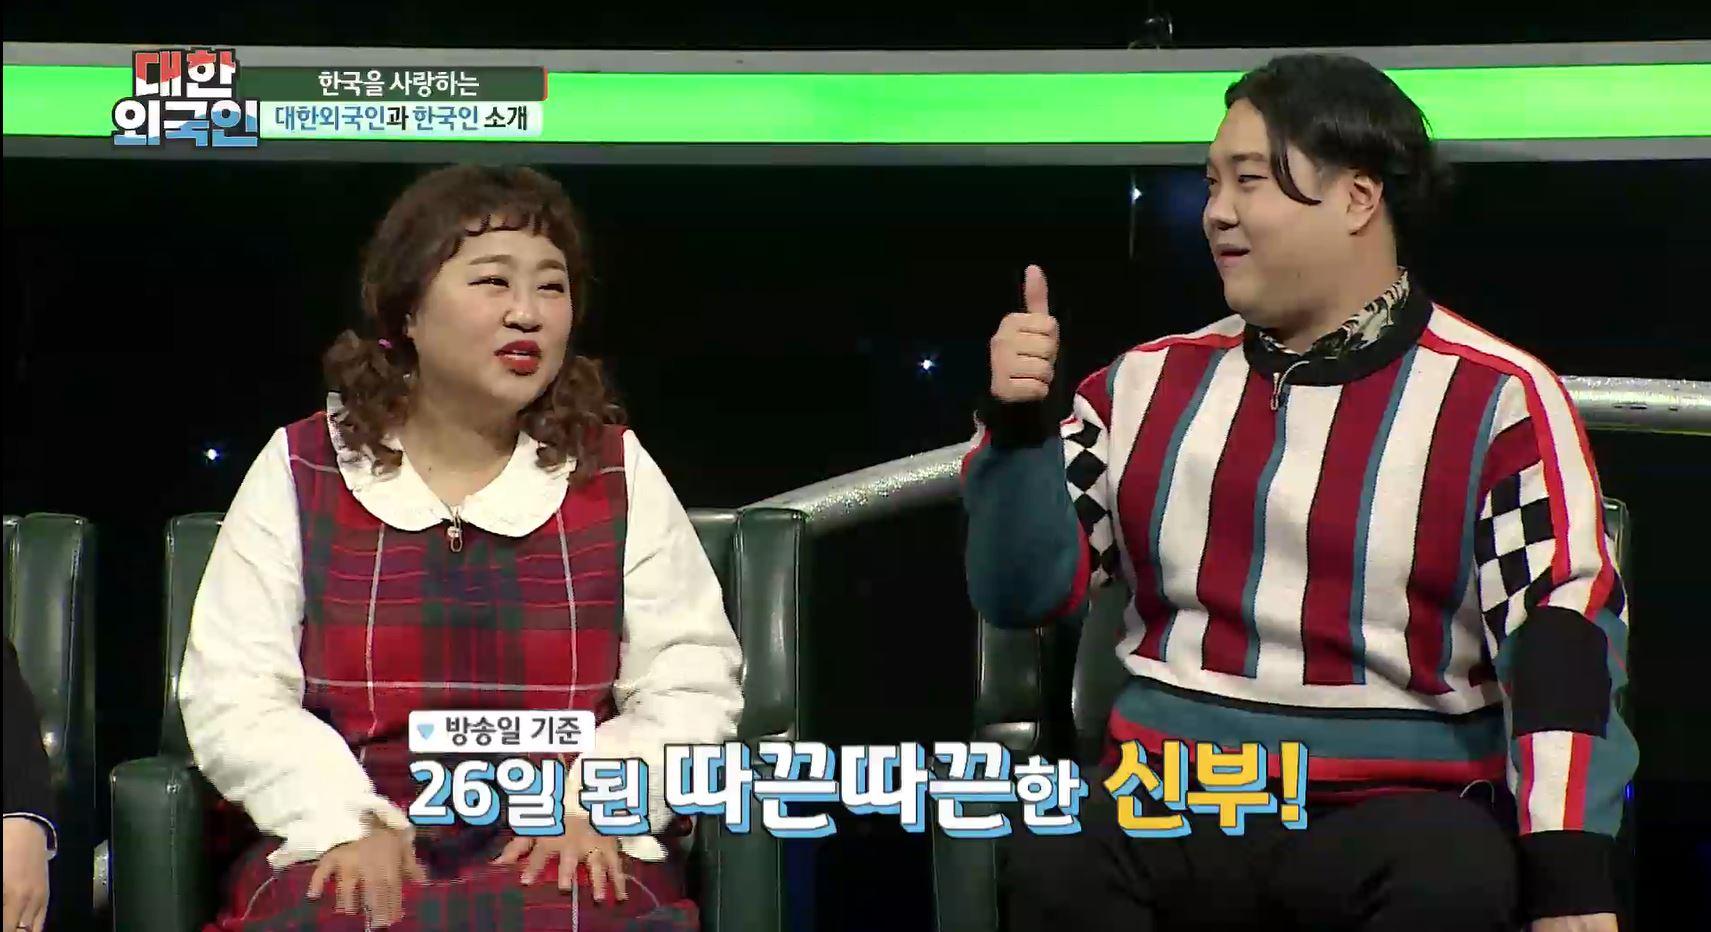 """홍윤화 결혼 소감으로 """"아침에 뭐 먹을까 함께 고민해서 좋아"""""""